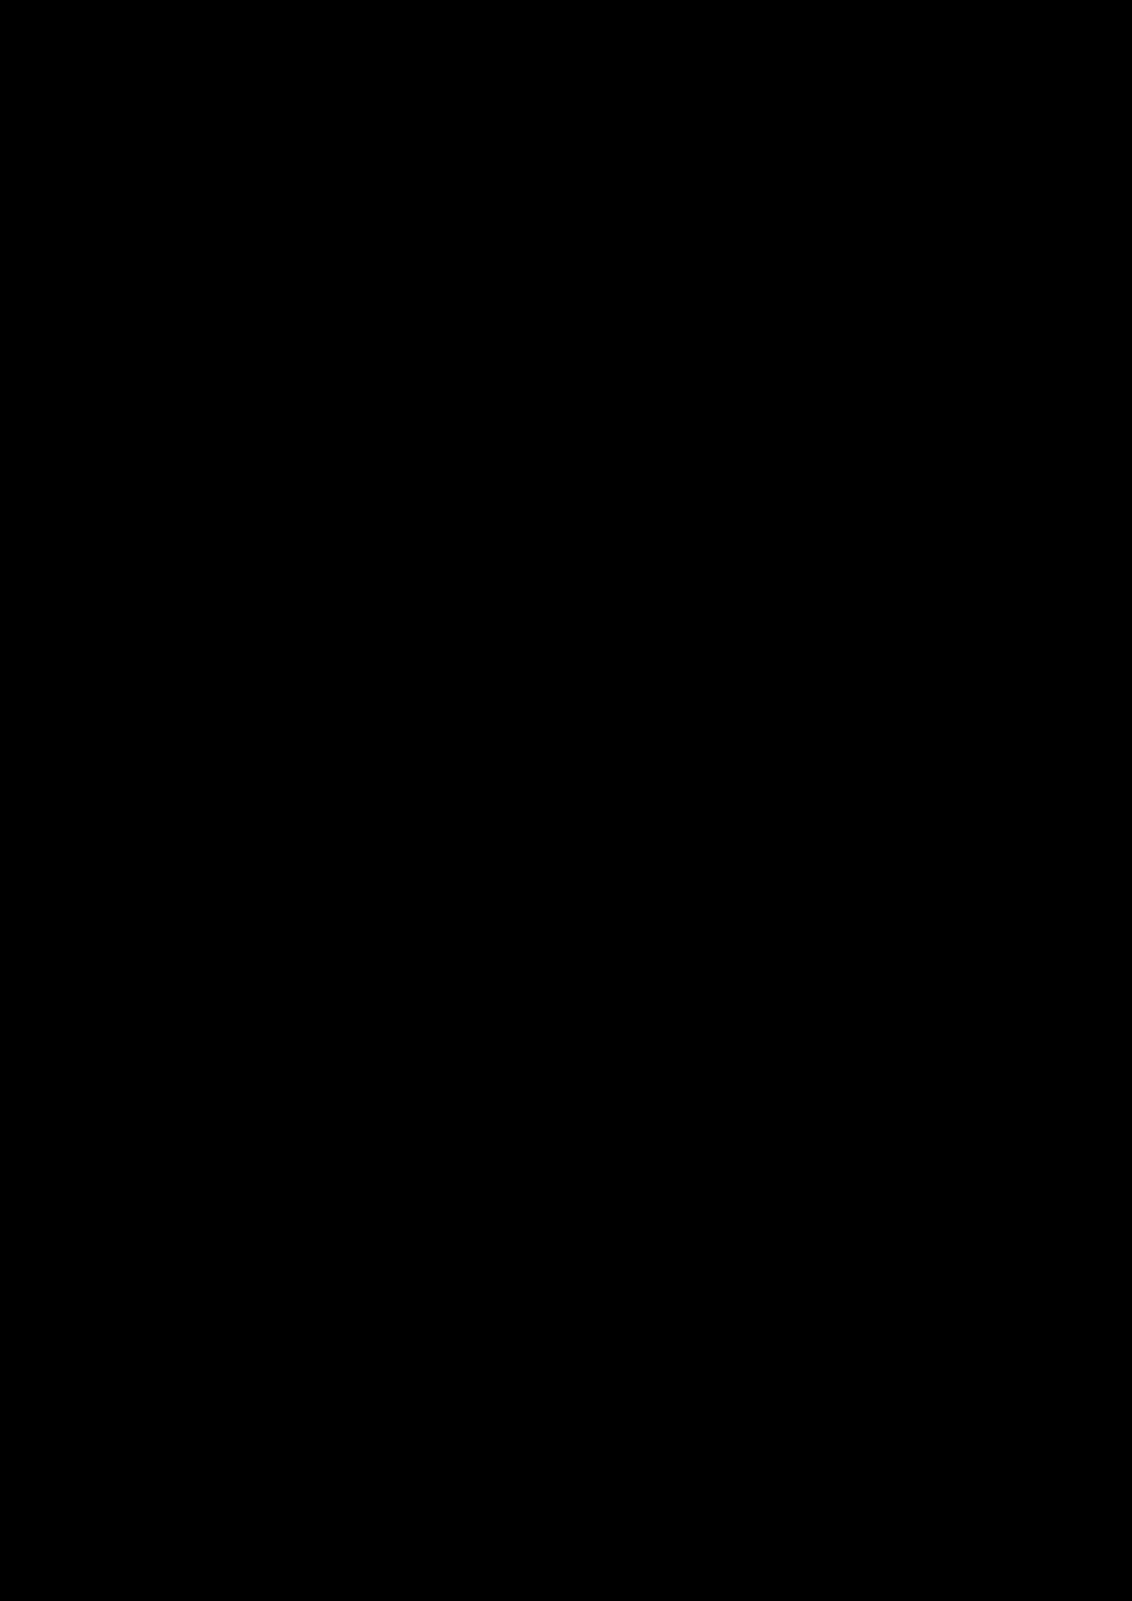 Proschanie s volshebnoy stranoy slide, Image 35